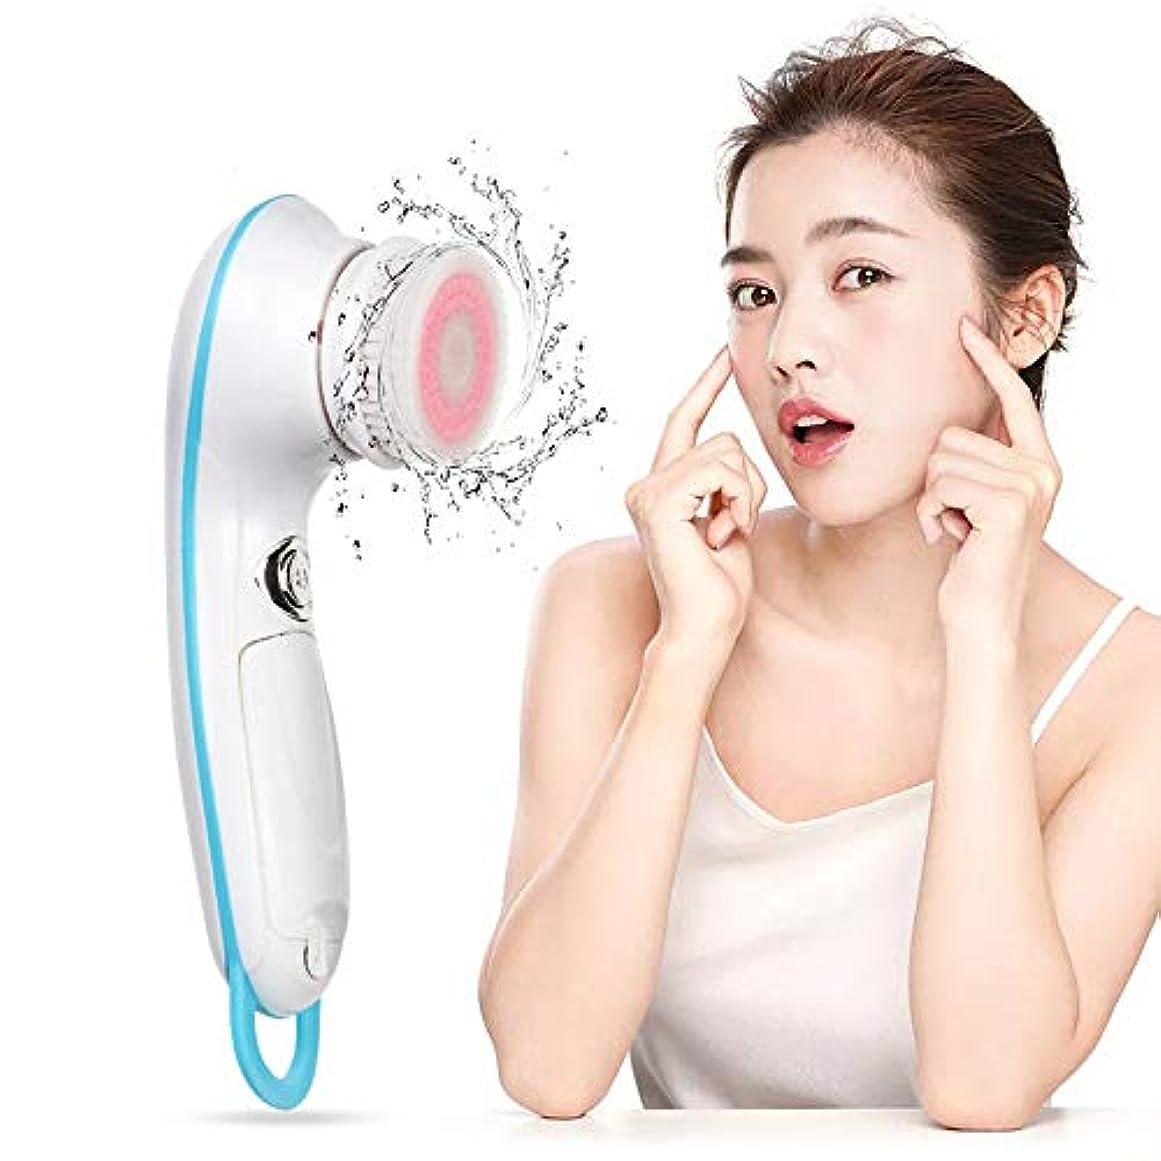 協同マイクサンダース洗顔は、ブラックヘッドの取り外しとタイマーとのスキンクレンザーメイク除去フェイスマッサージをマッサージ、ディープクレンジング、エクスフォリエイティング用防水、電気ブラシ